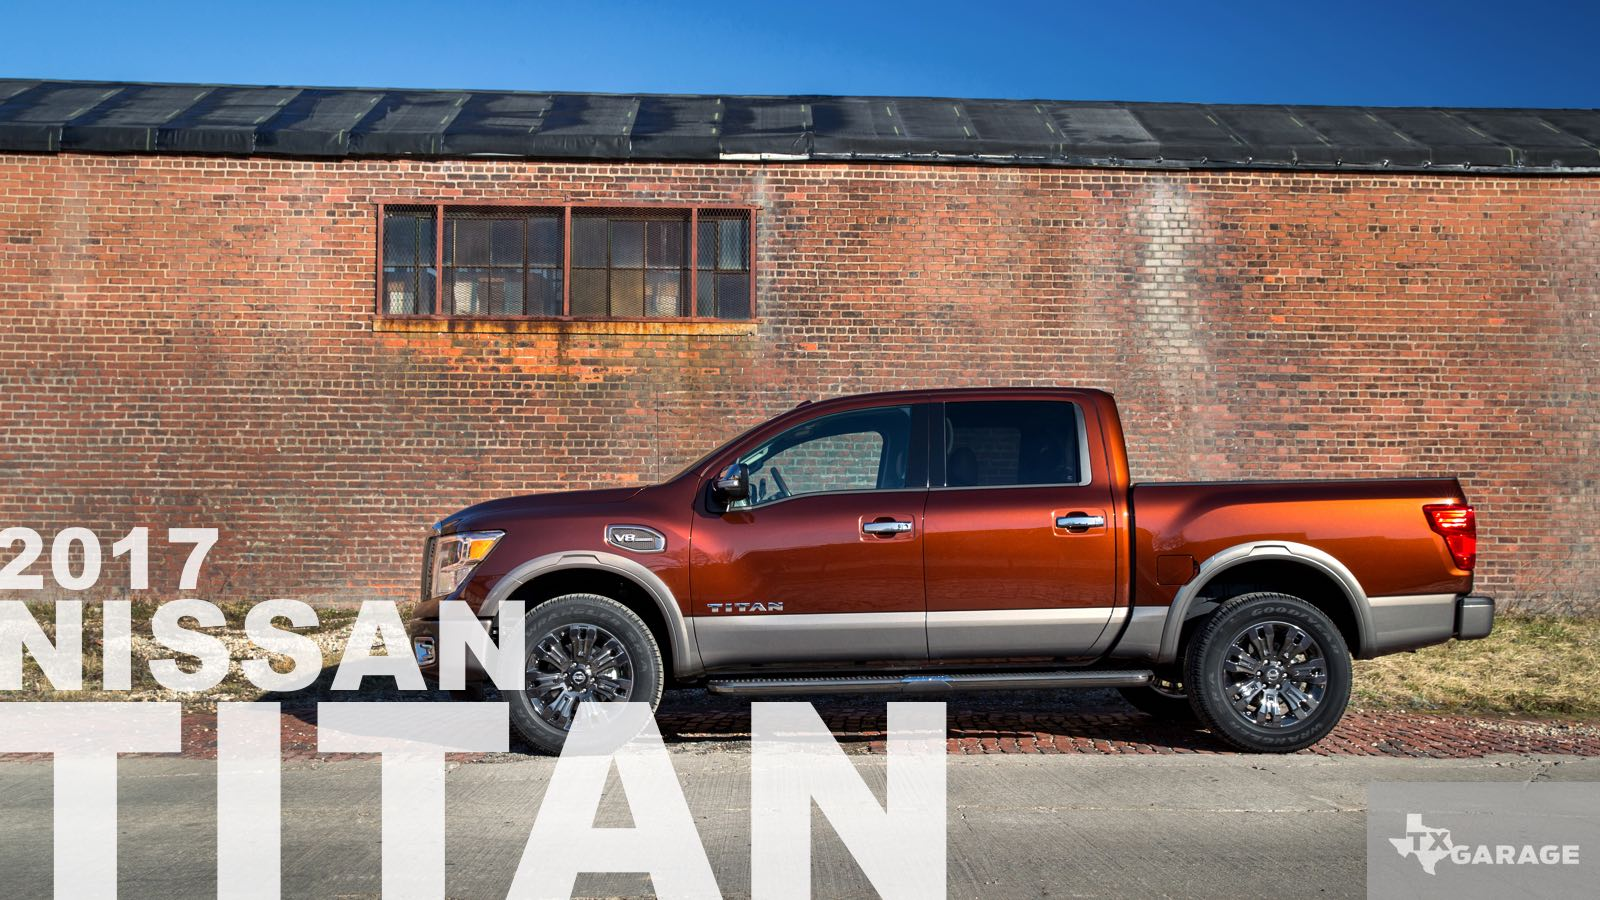 2017-Nissan-Titan–cover